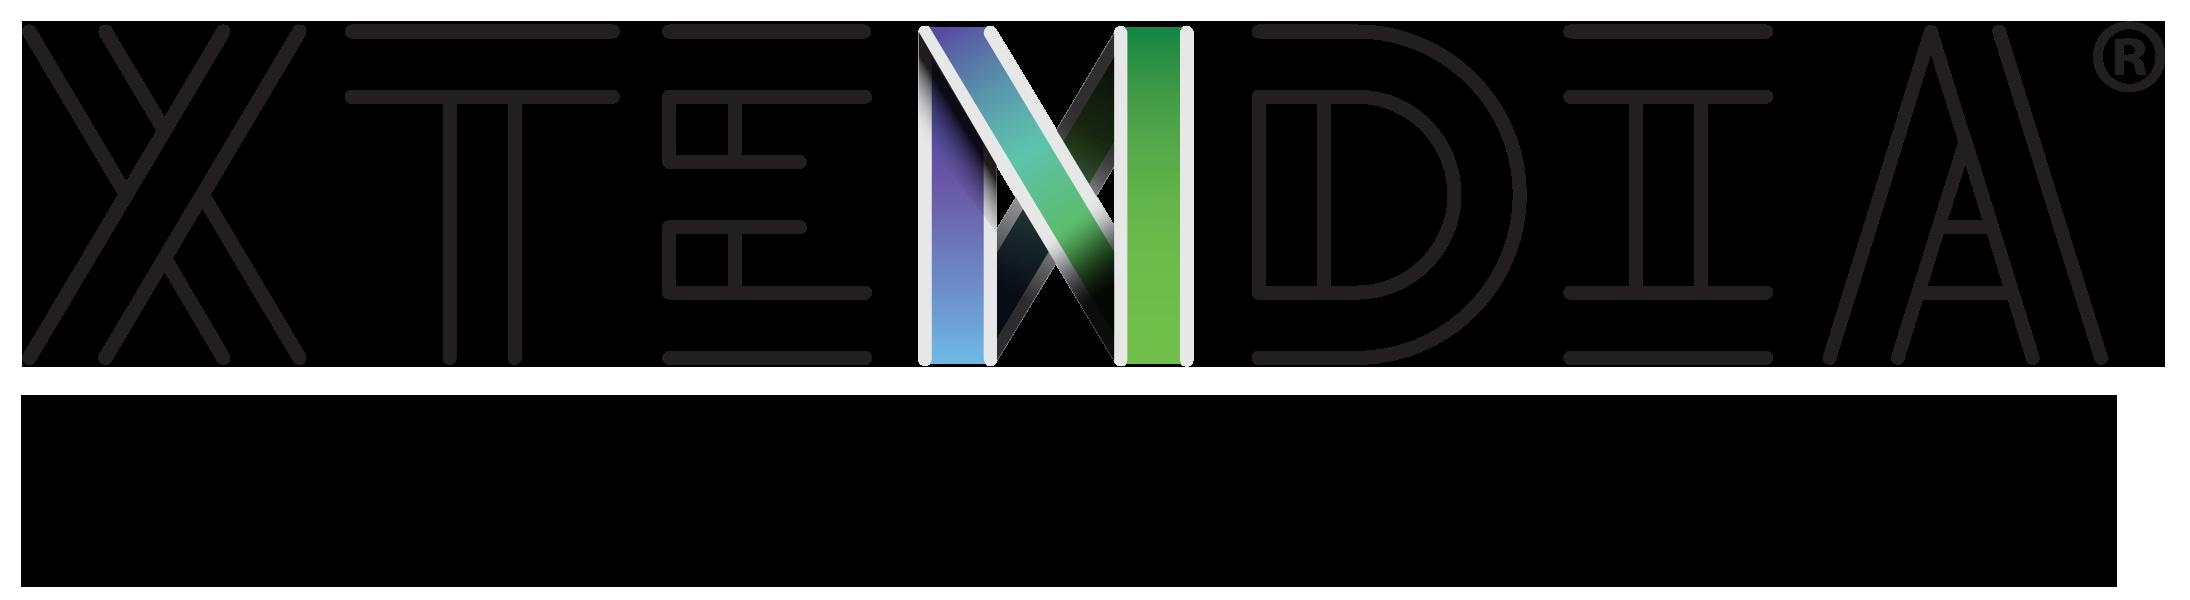 Logo Xtendia